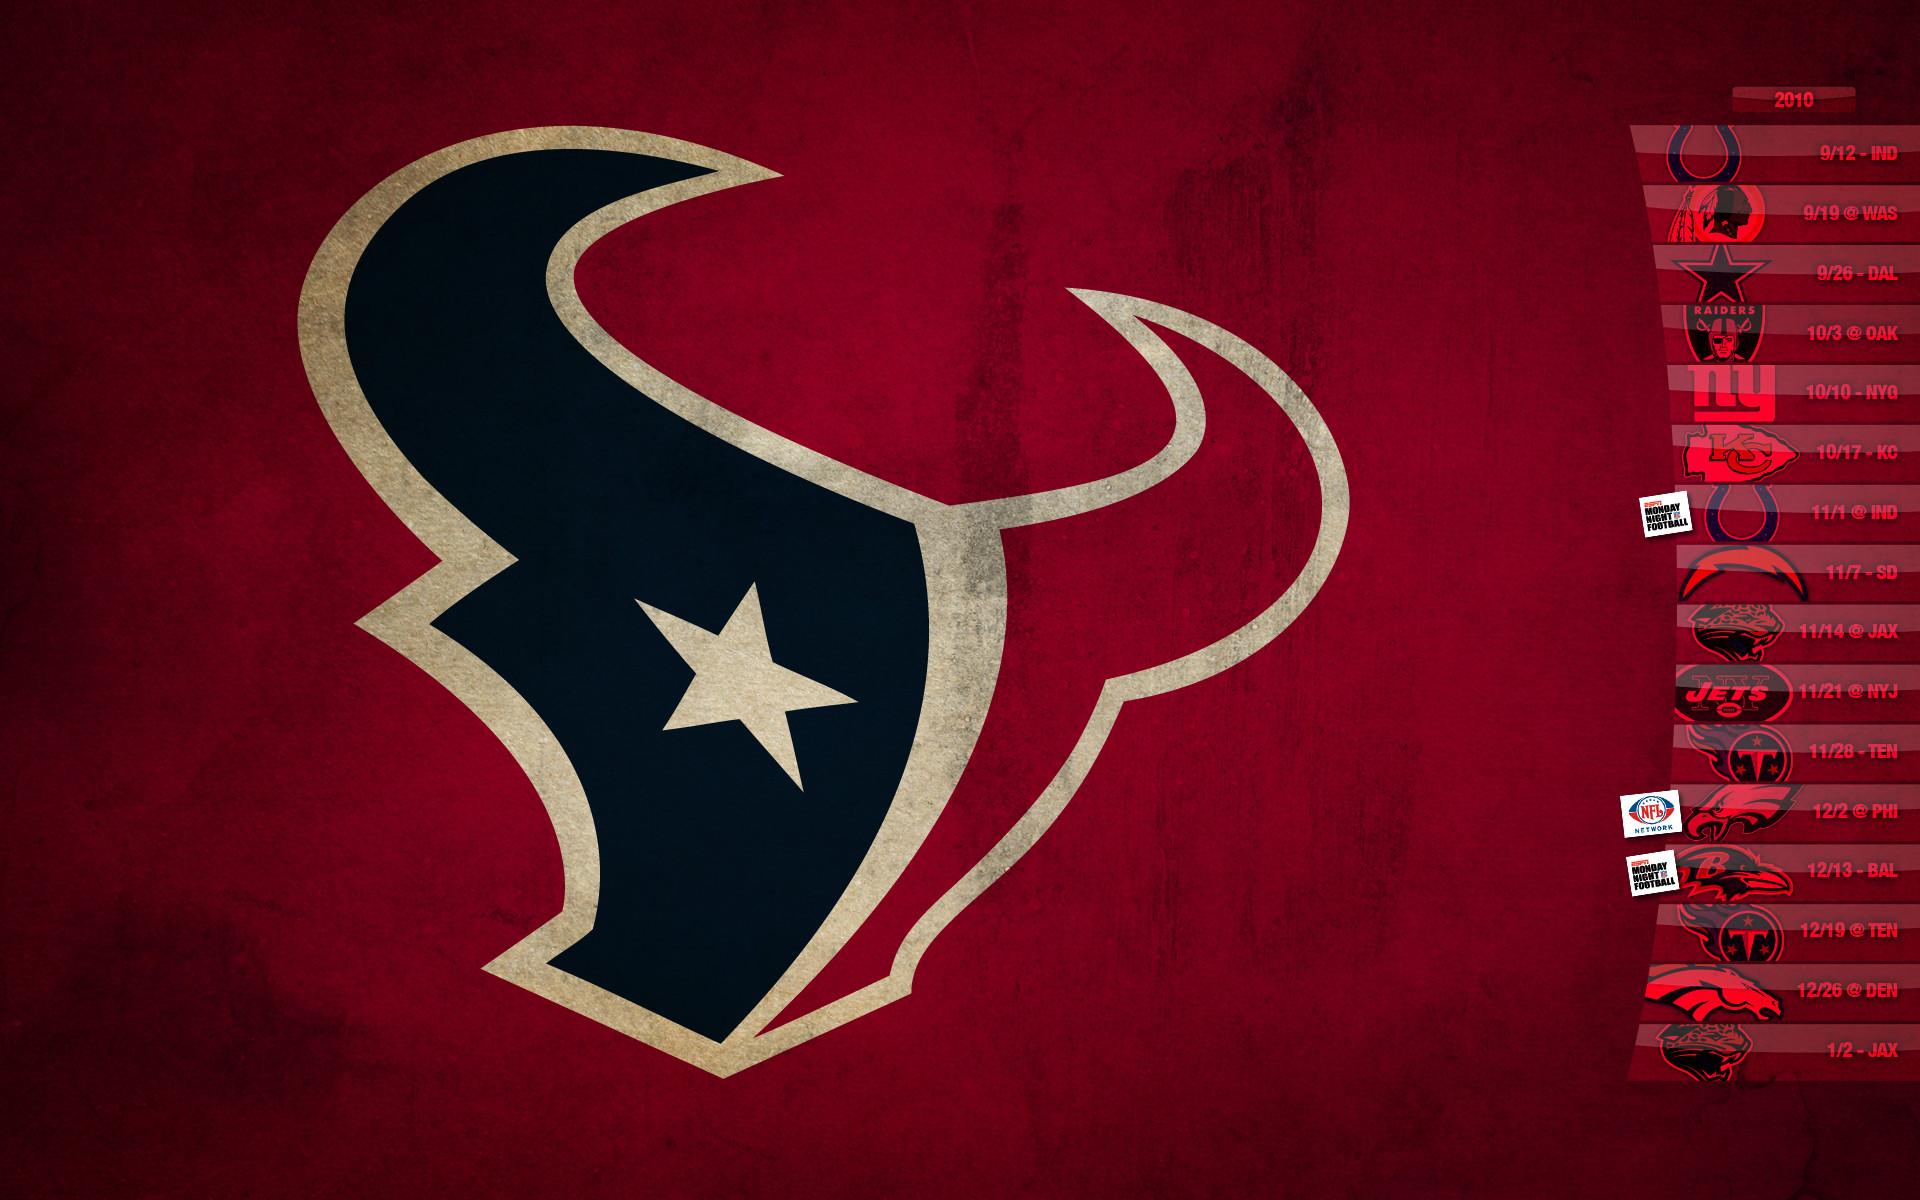 2010-Houston-Texans-Schedule-Wallpaper-by-Hawk-Eyes